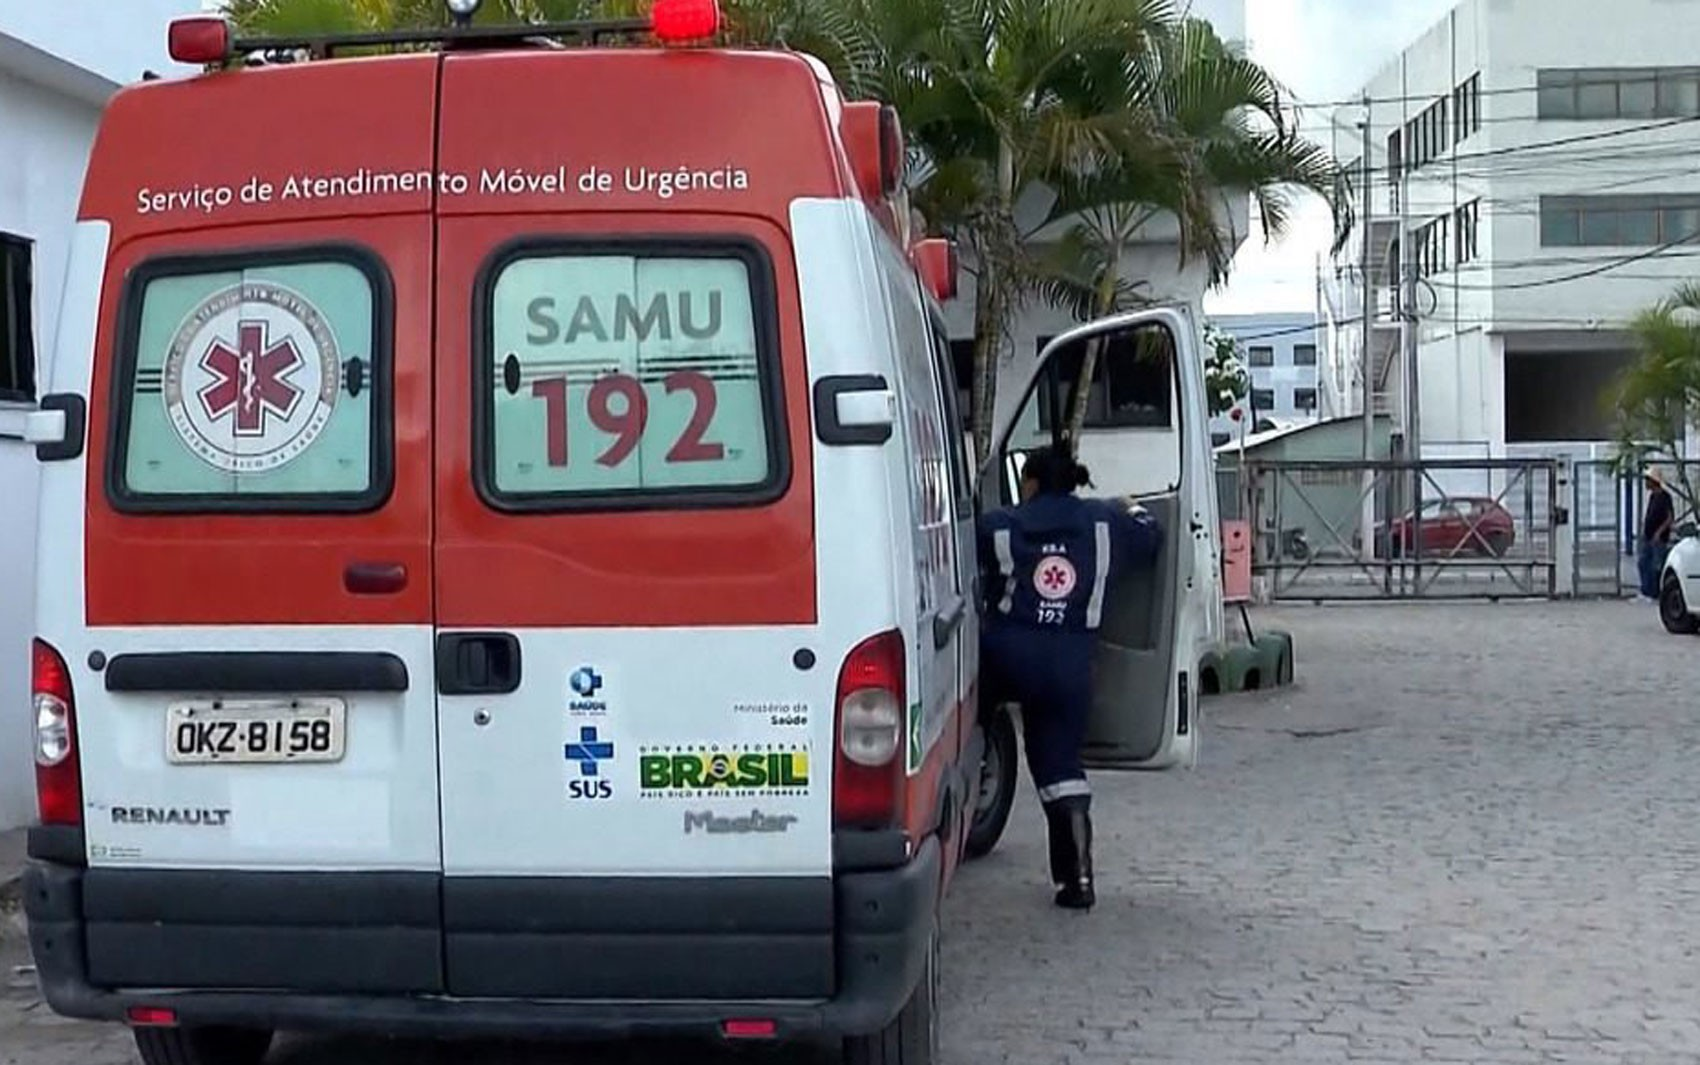 MPT e Comitê de Enfermagem apontam condições inseguras de trabalho e falta de equipamentos no Samu em Feira de Santana